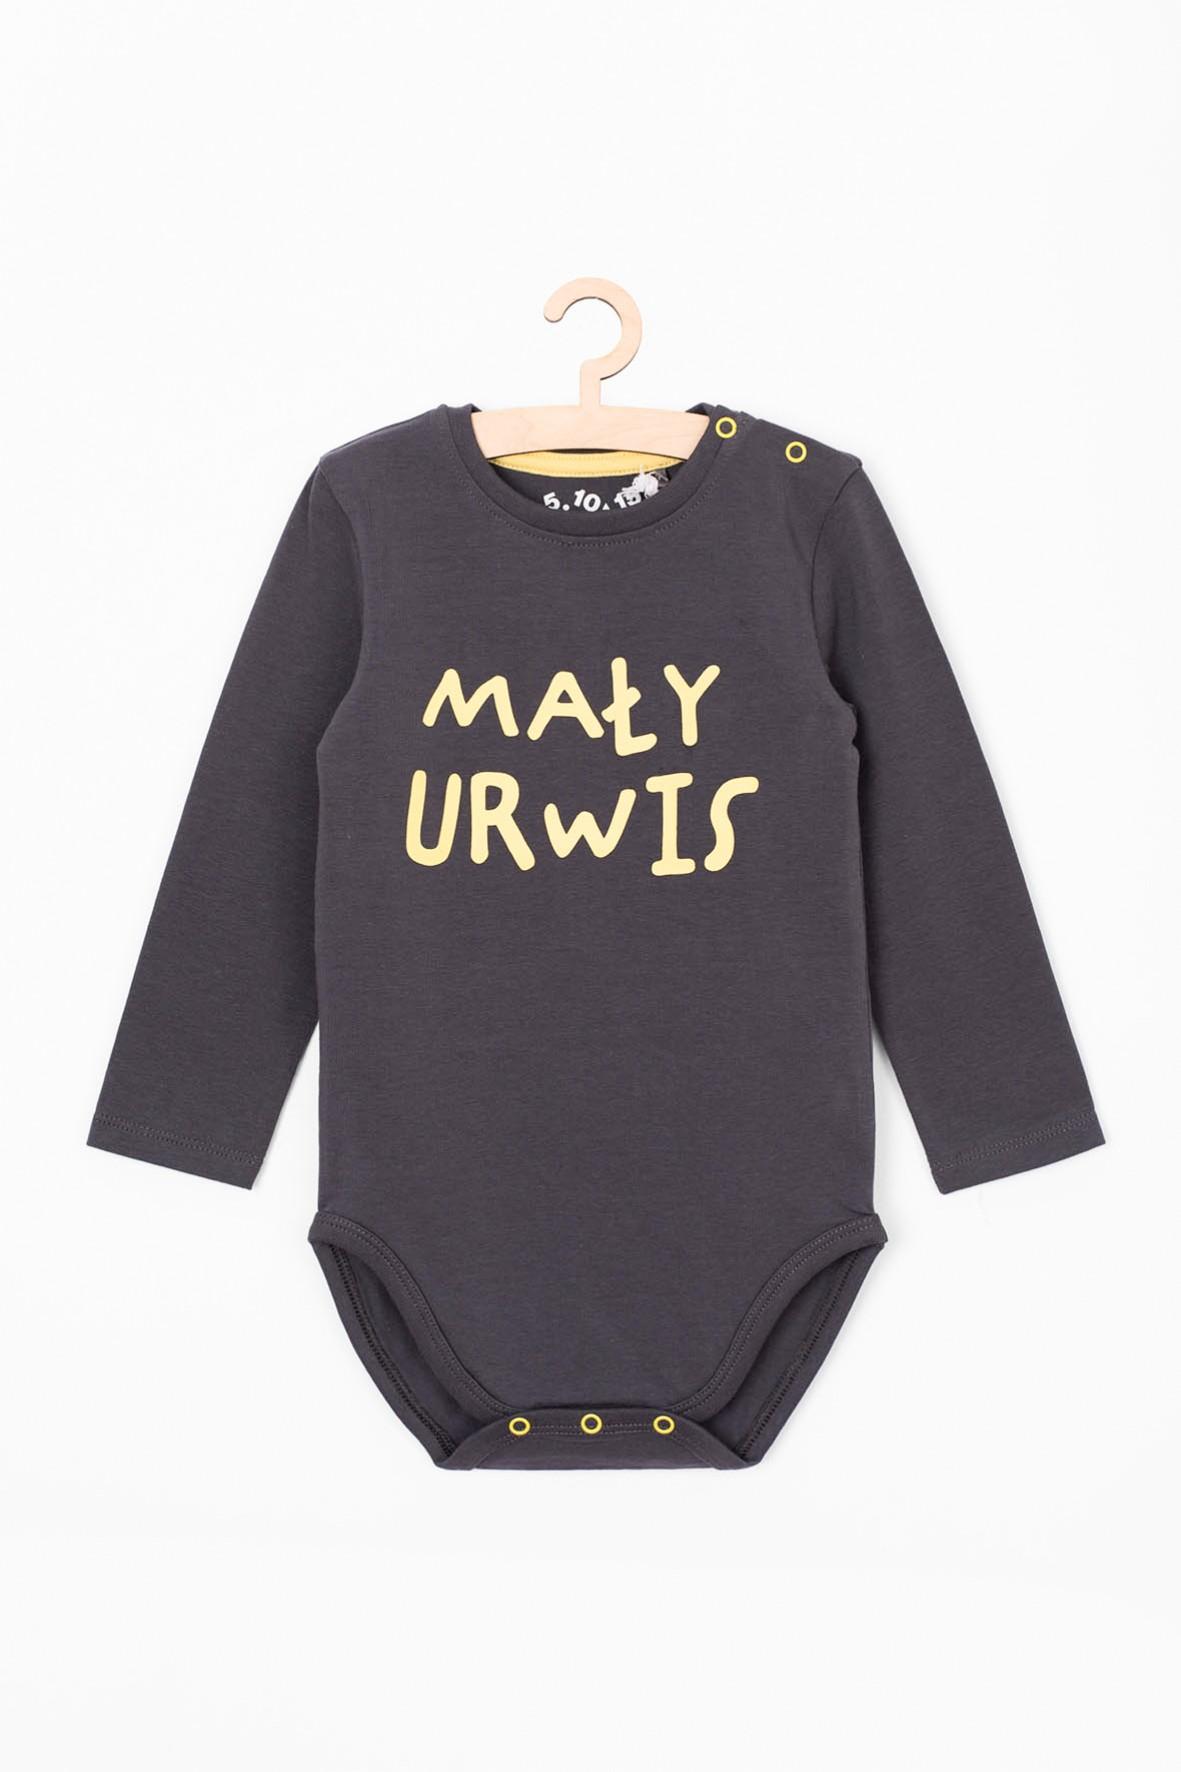 Body niemowlęce z napisem - Mały urwis